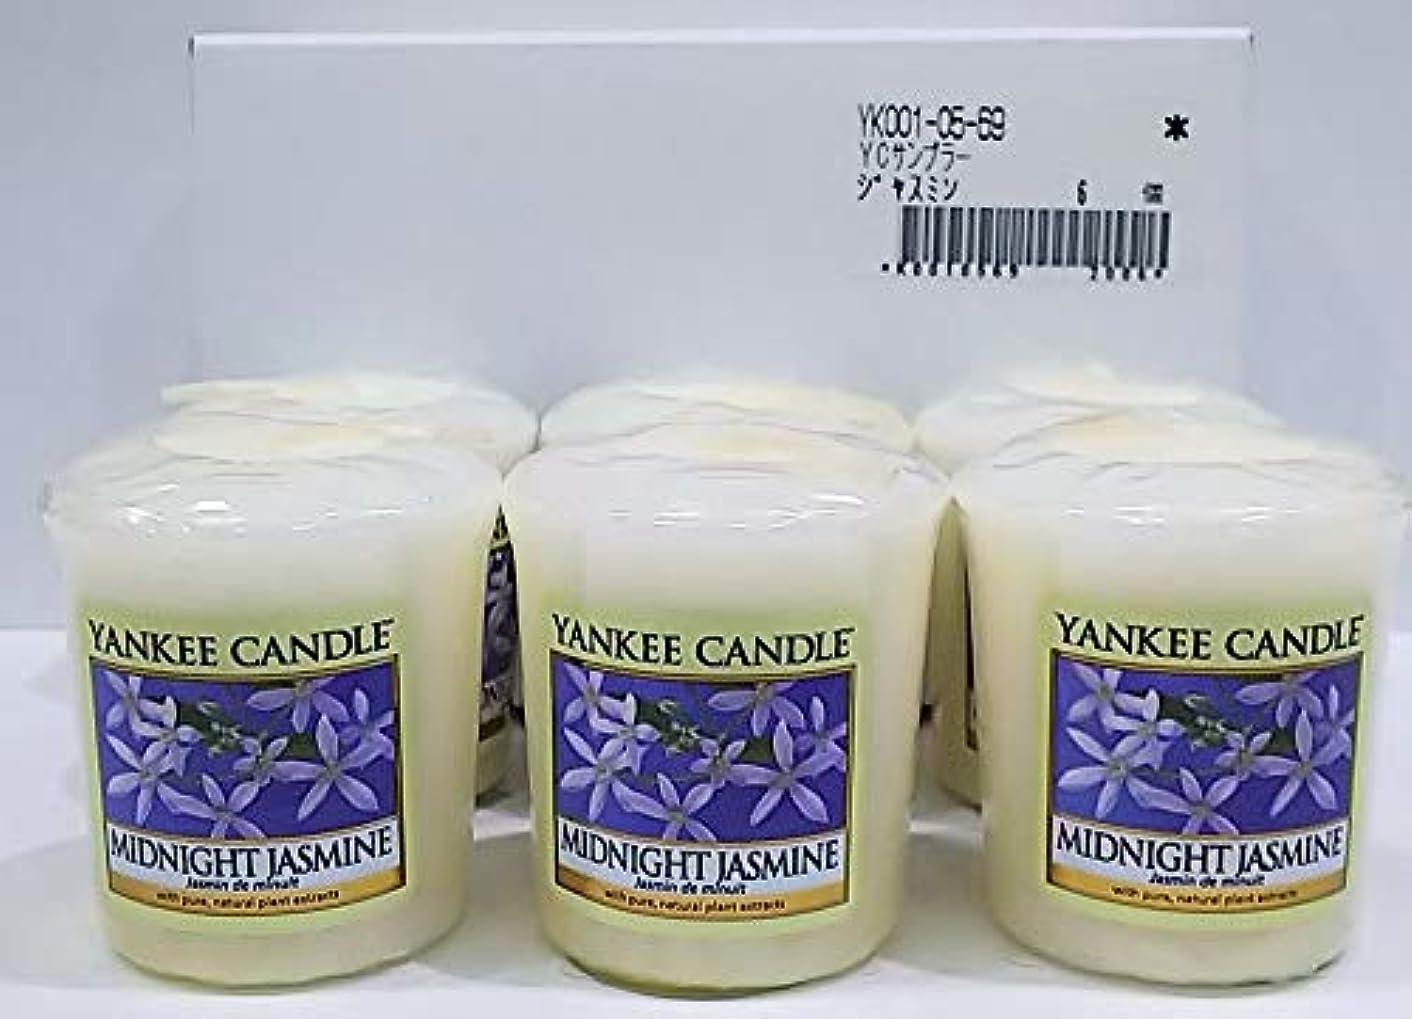 不利アシスタント鼻ヤンキーキャンドル サンプラー お試しサイズ ミッドナイトジャスミン 6個セット 燃焼時間約15時間 YANKEECANDLE アメリカ製